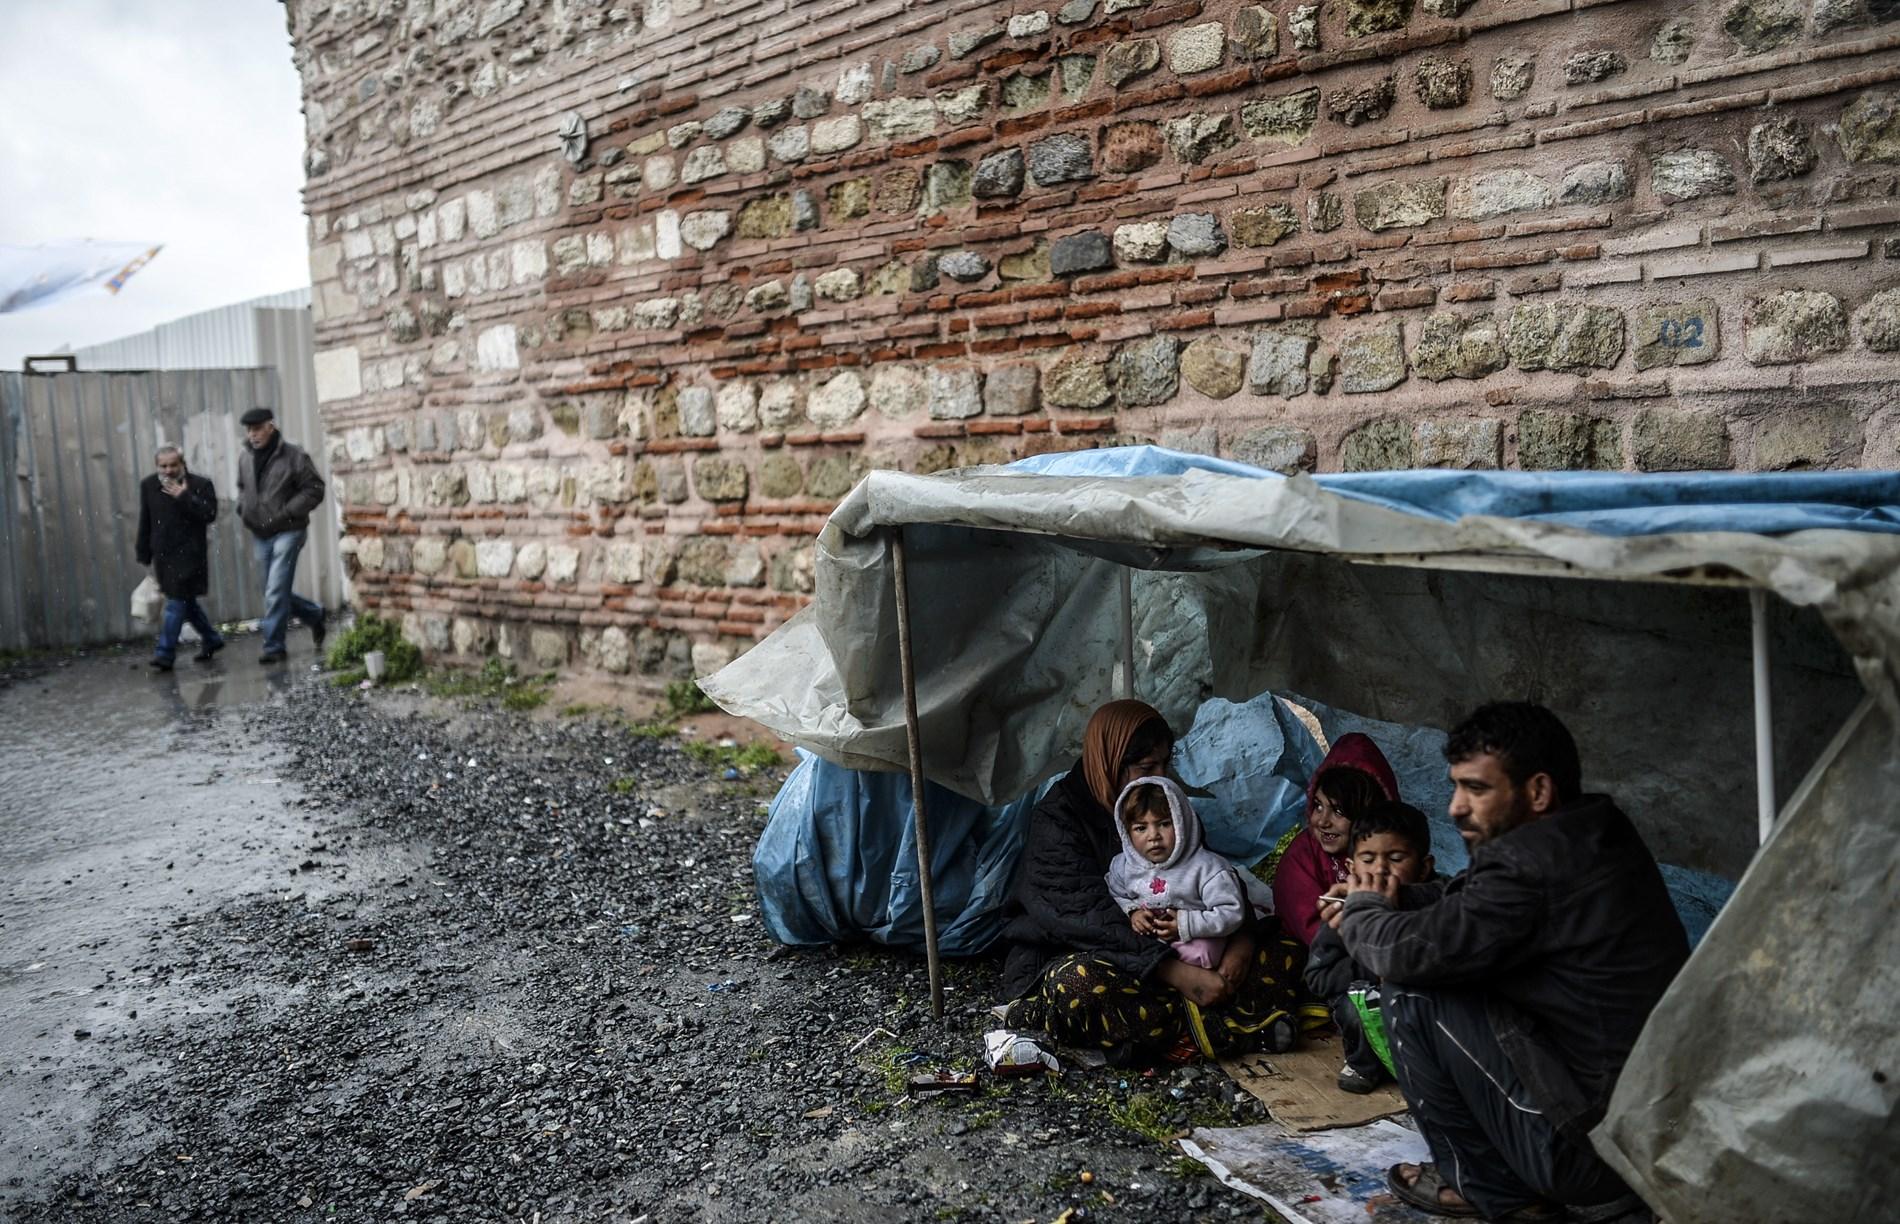 VİDEO | Bayırbucak Türkmenleri mi demiştiniz?: Bir AKP'linin insanlıkla imtihanı